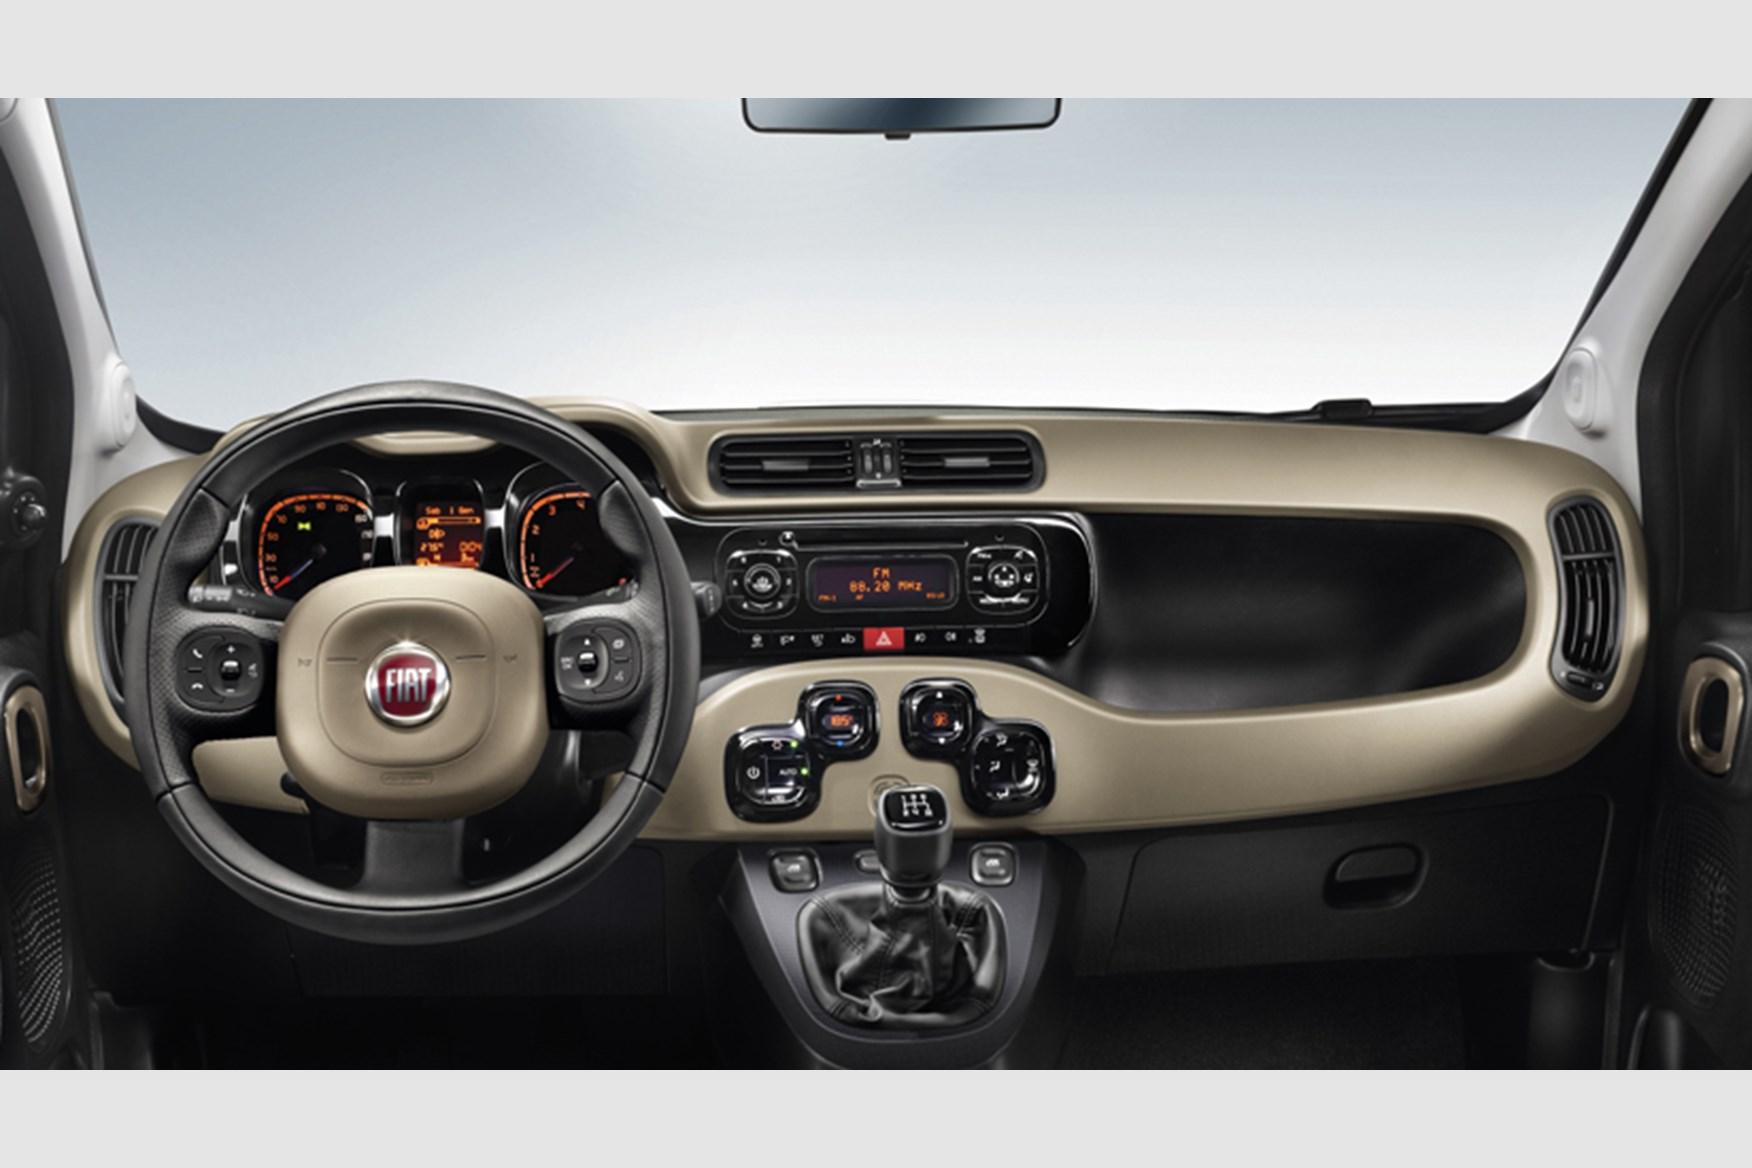 fiat 500 4 door interior. fiat 500 4 door interior